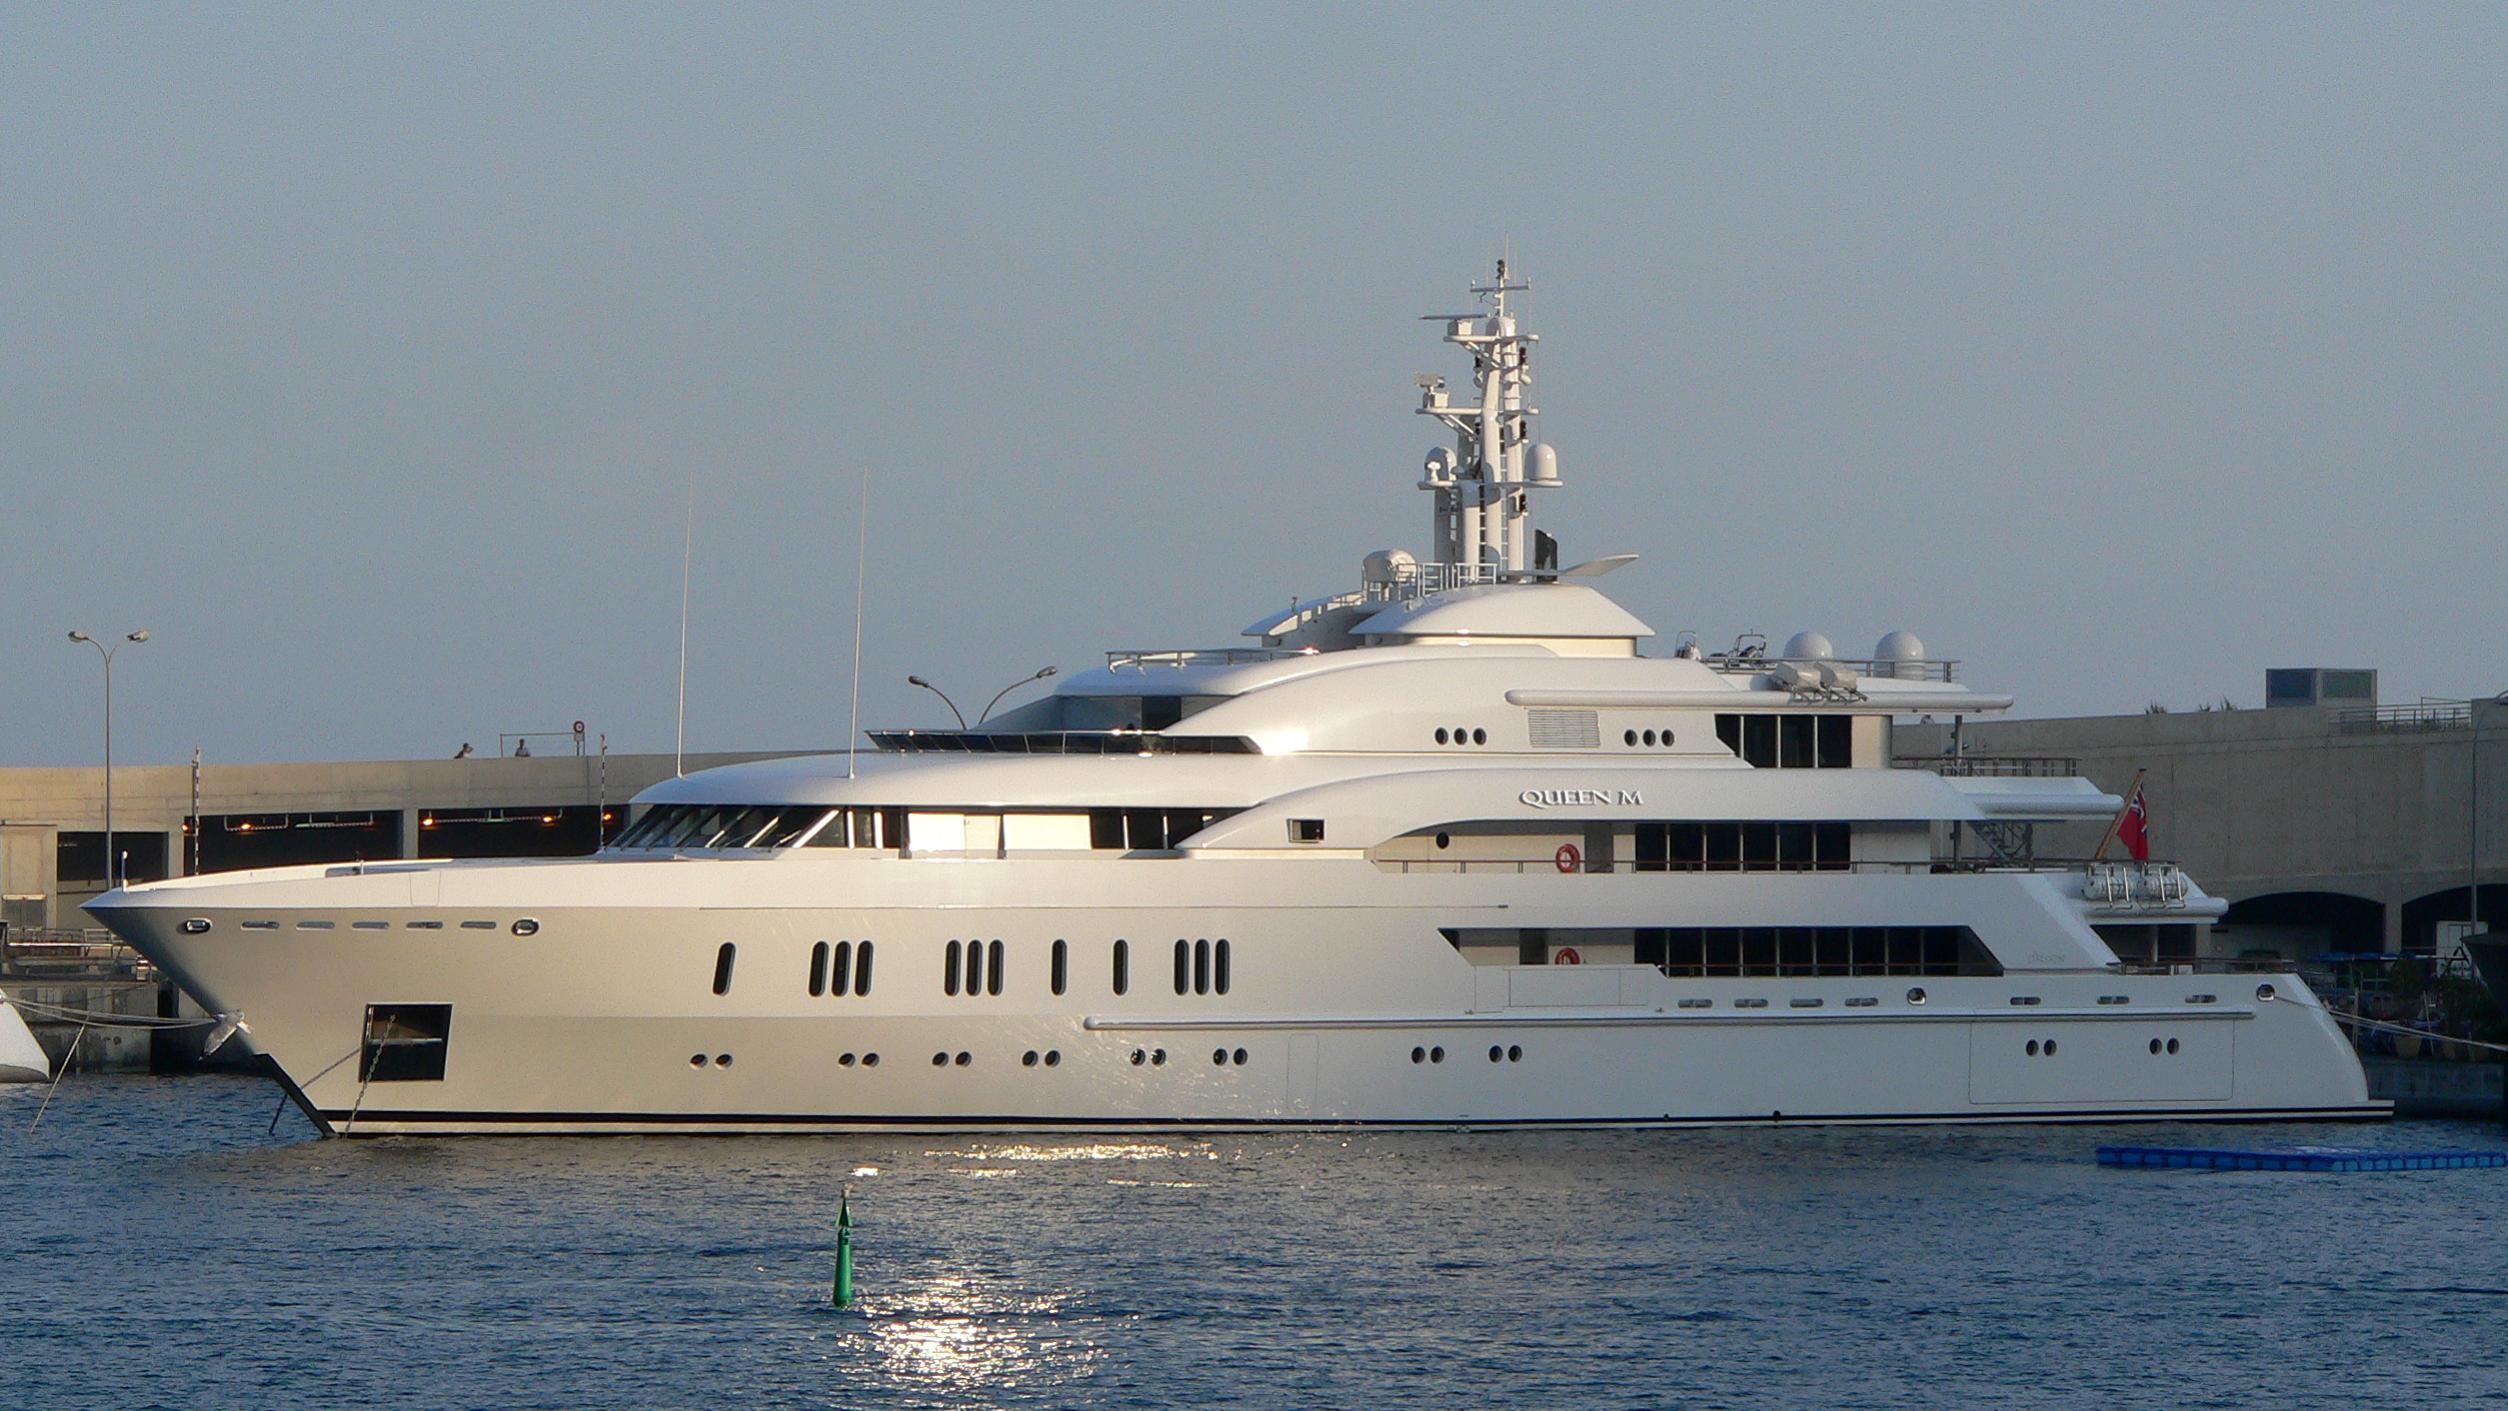 queen-k-motor-yacht-lurssen-2004-73m-moored